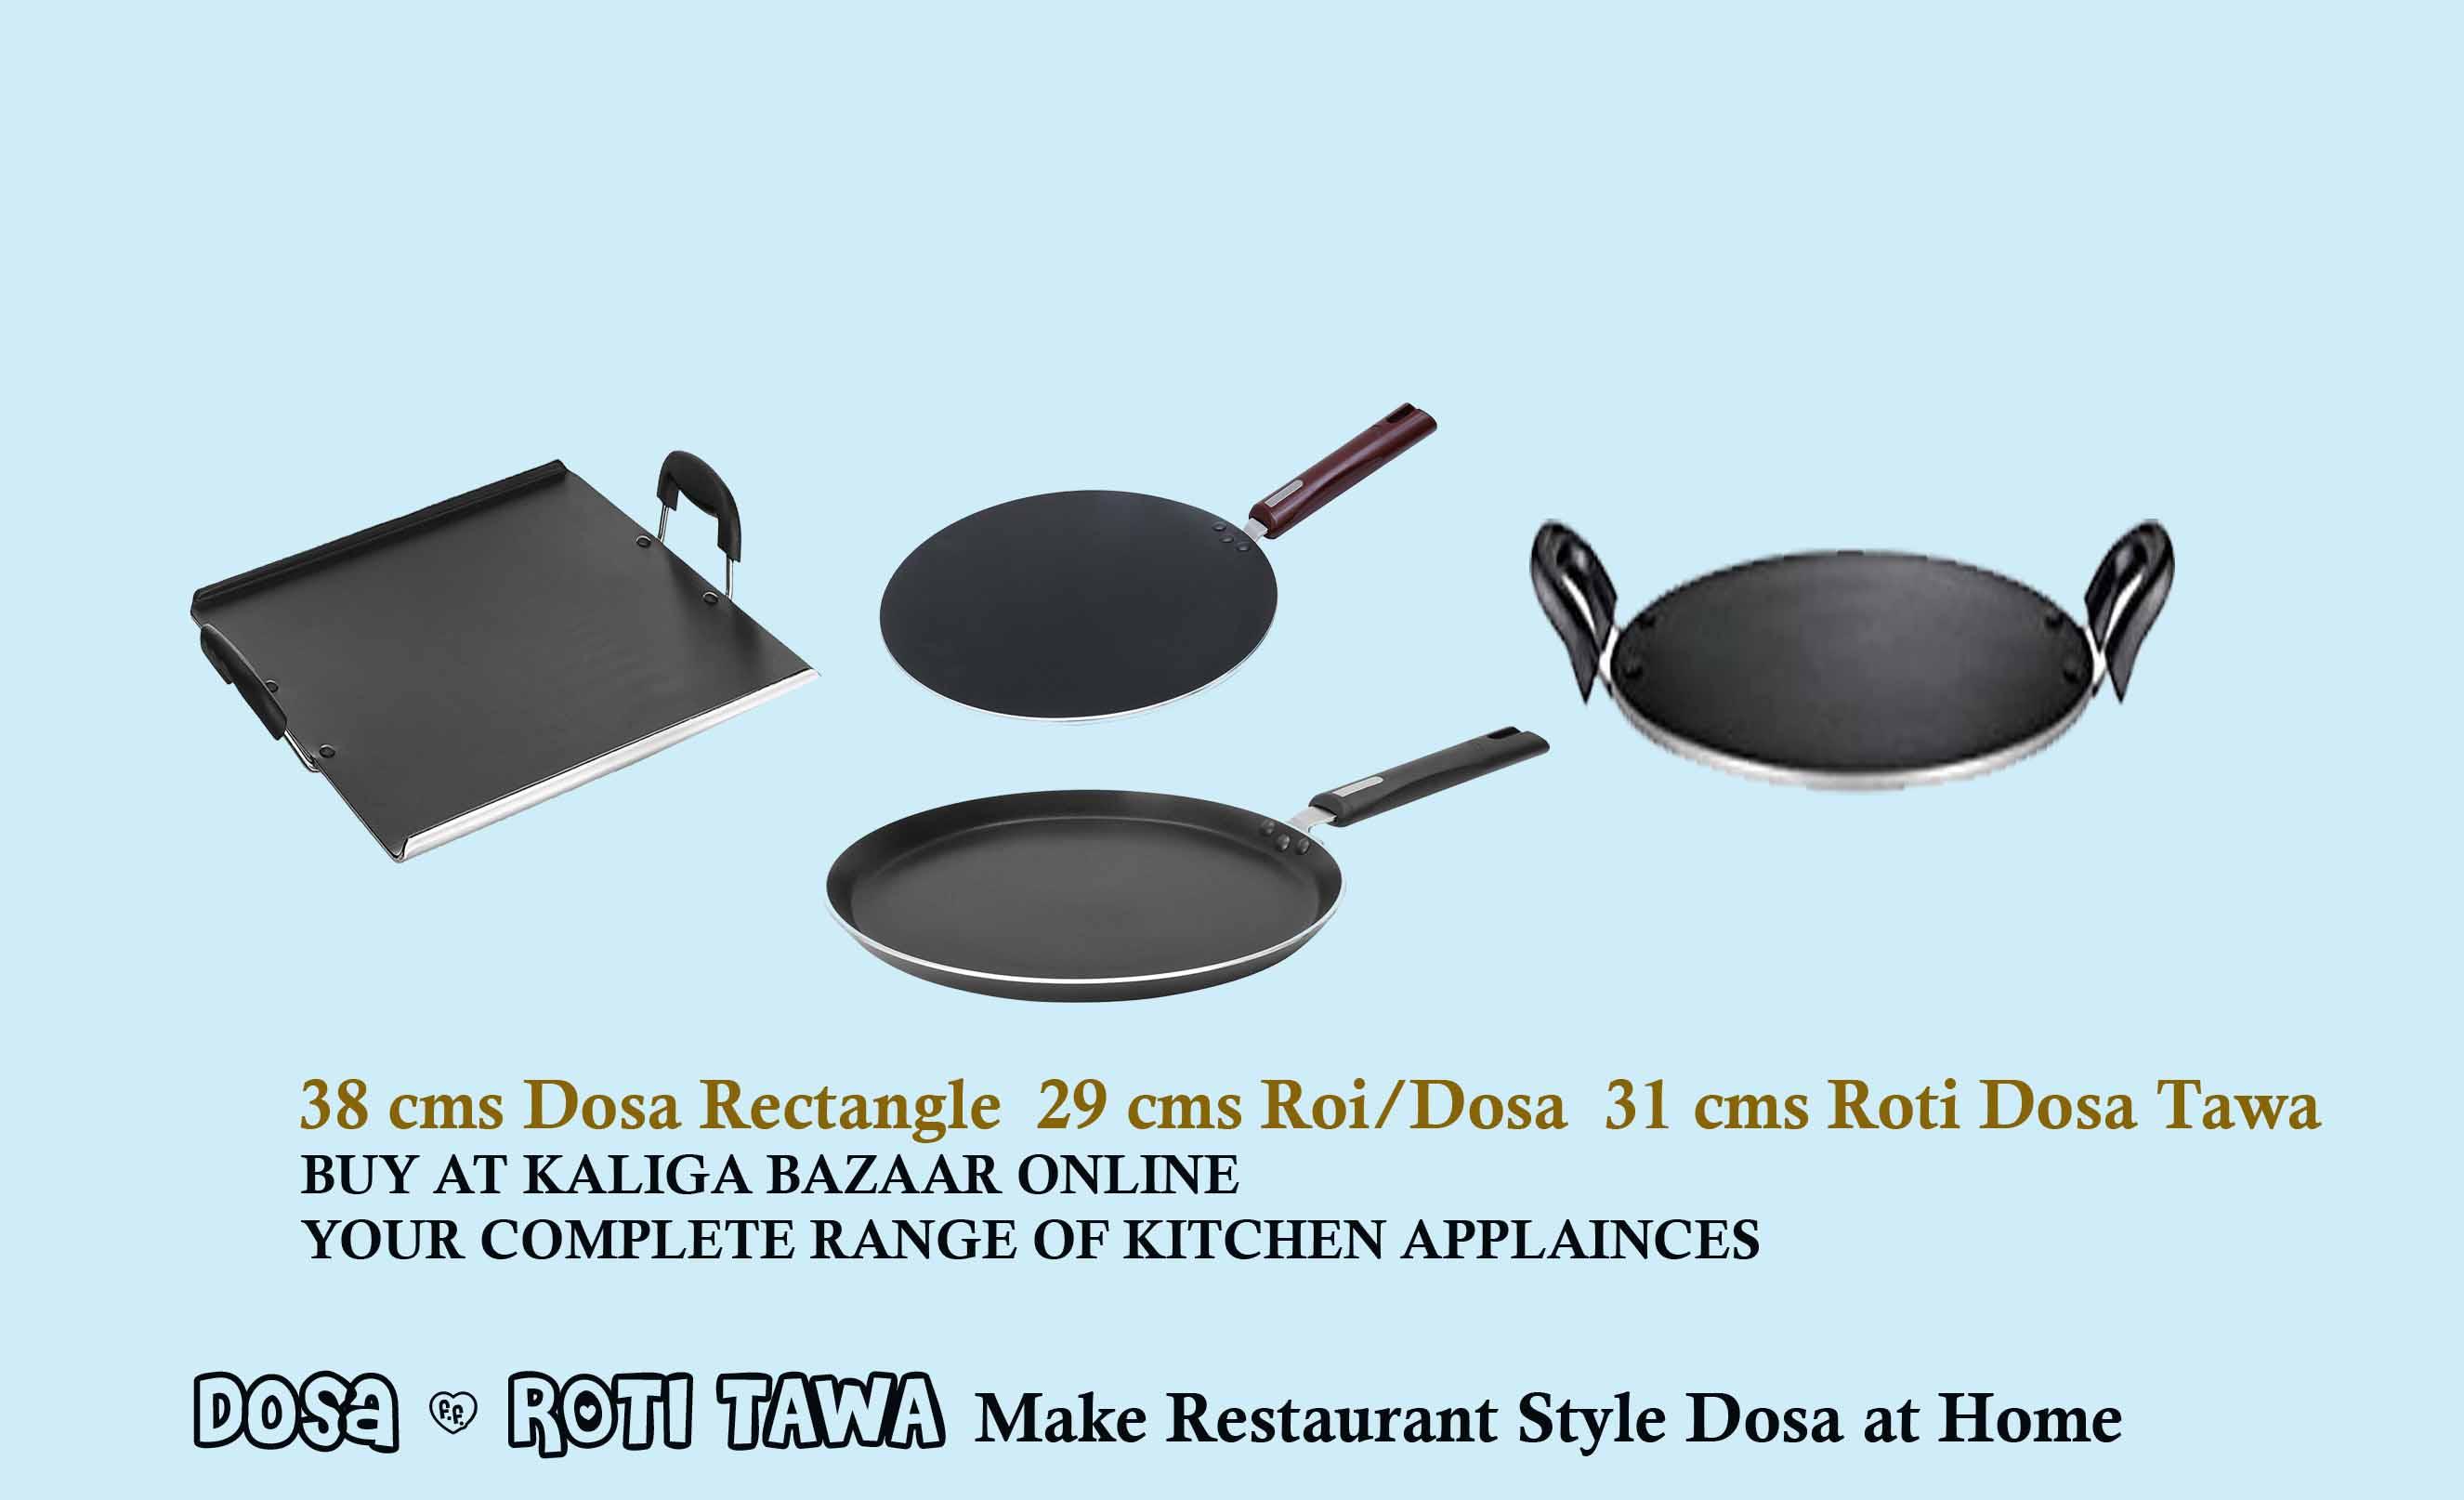 Welcome to Kaliga Bazaar – Kitchen Appliances Mixer Grinder